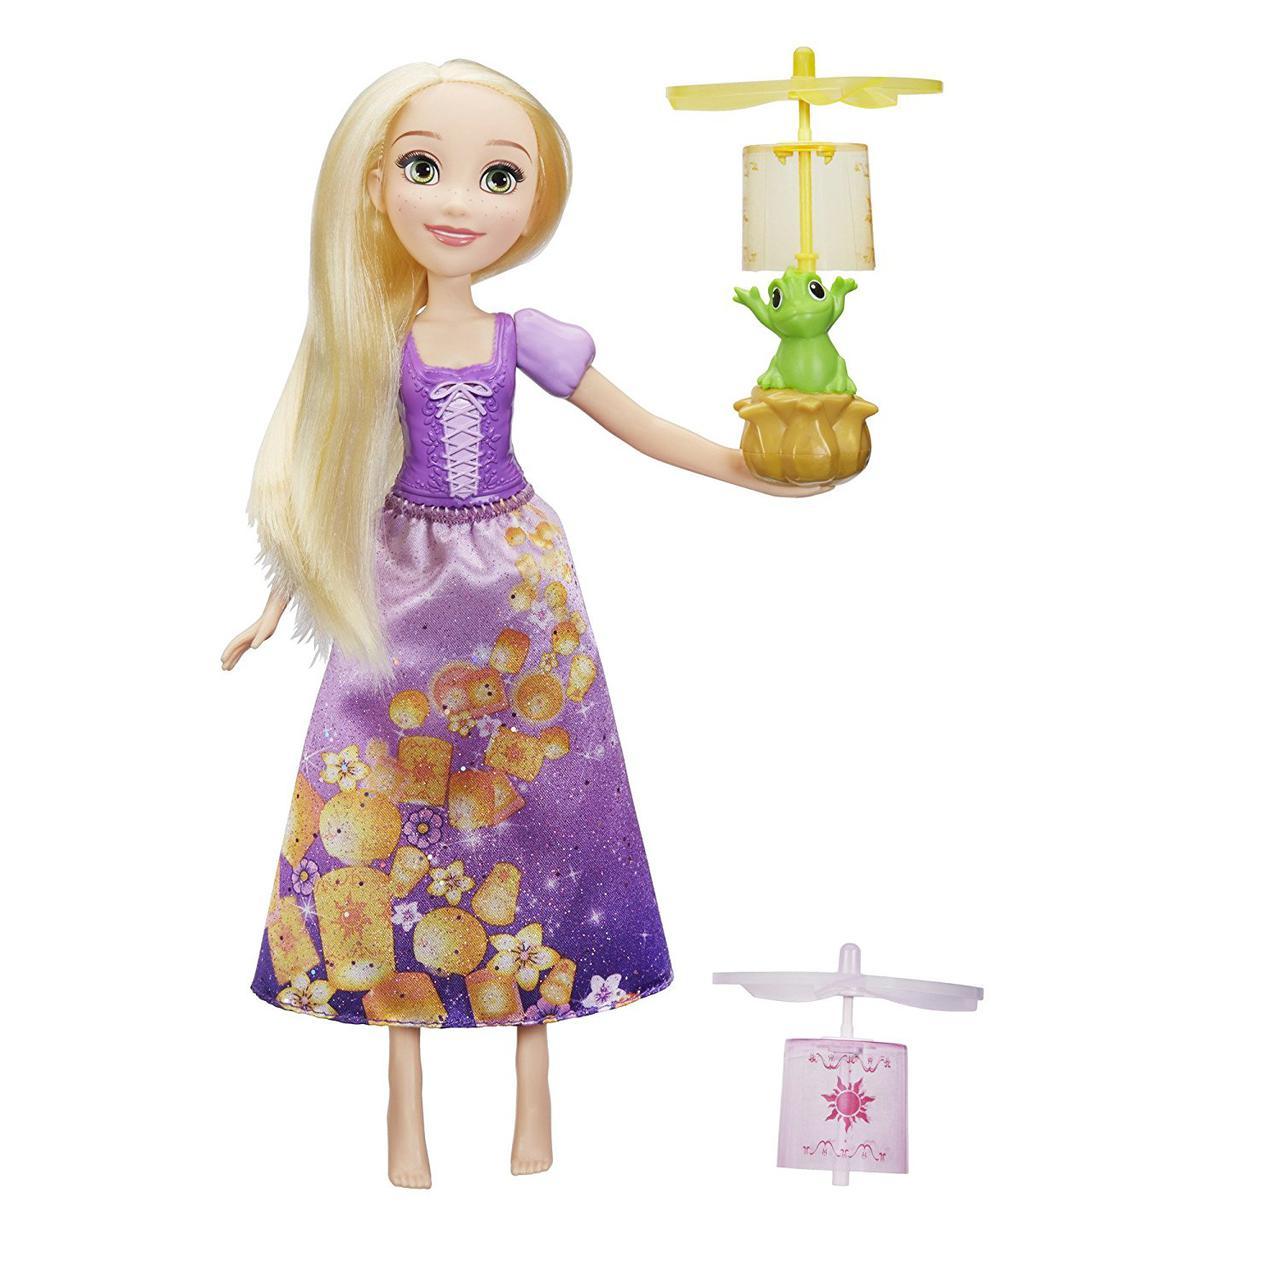 Кукла Рапунцель Плавающие летающие фонари Disney Princess Floating Lanterns